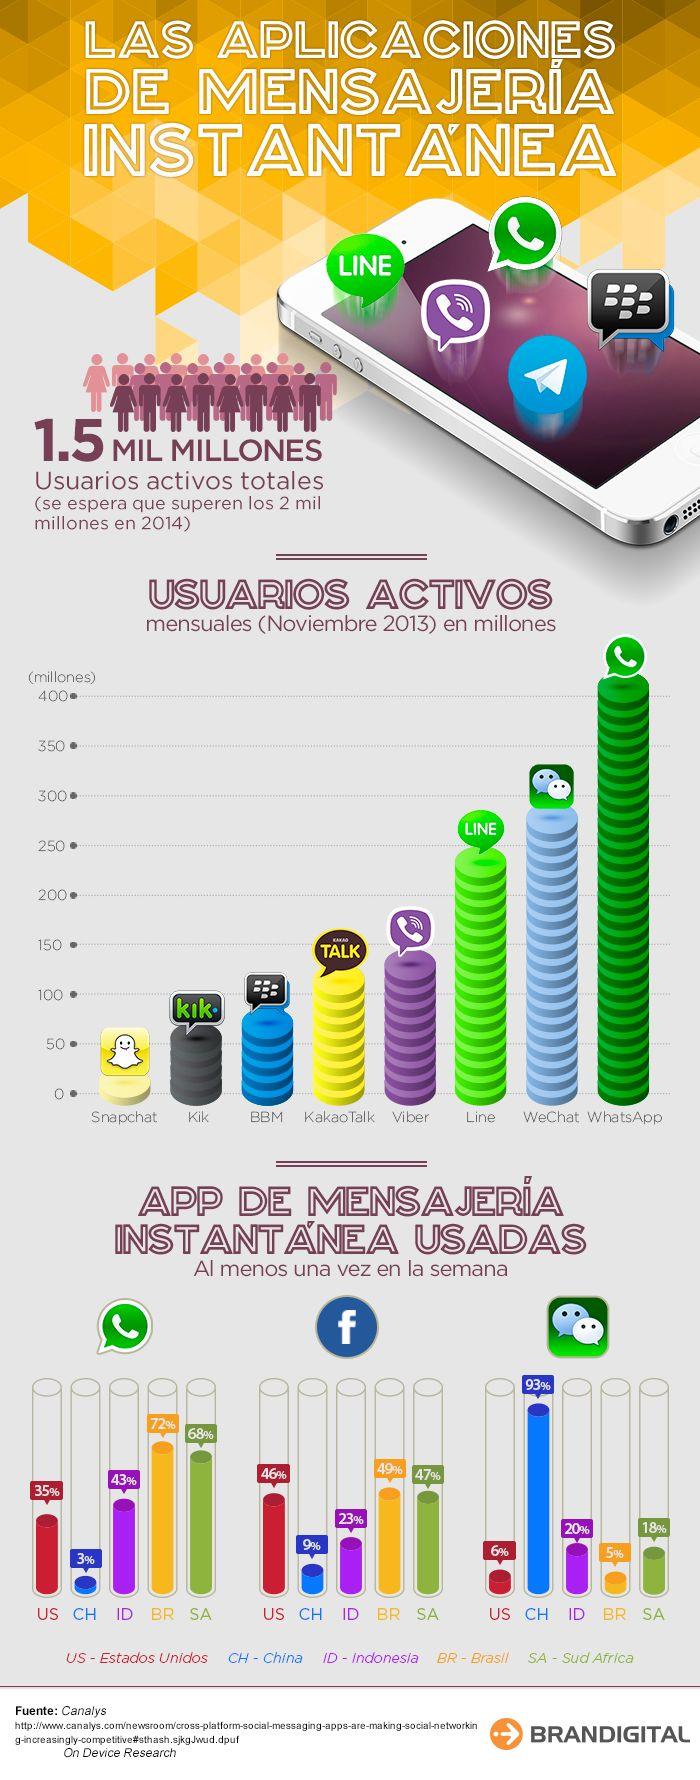 El marcado de #apps de mensajería instantánea